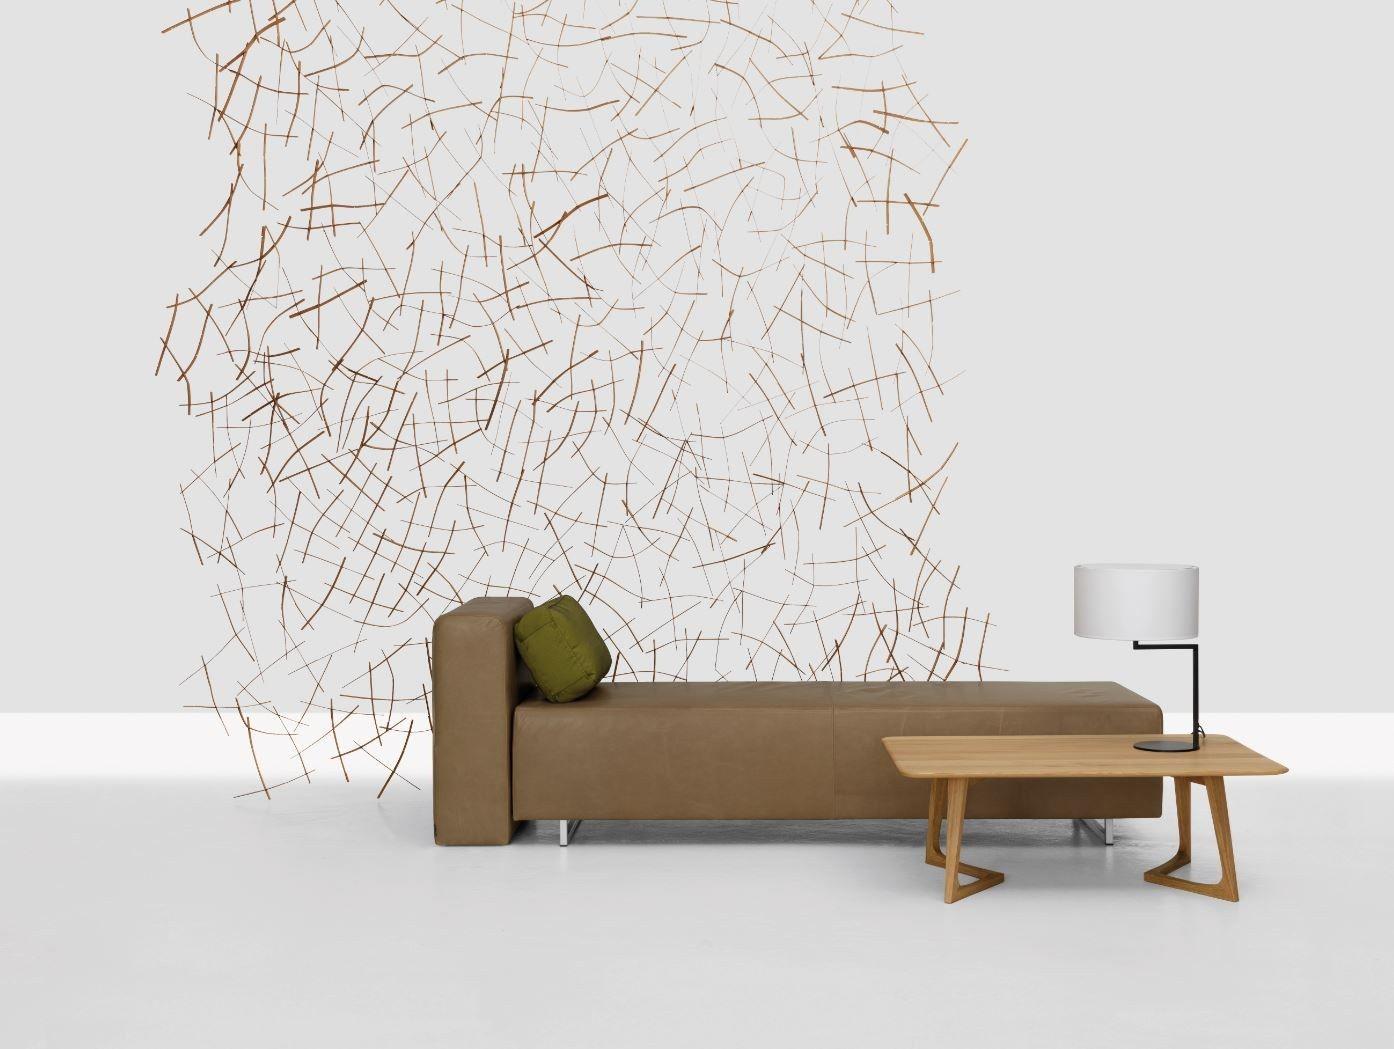 Cloison en bois STRUKTUR by ZEITRAUM design Lena Peter